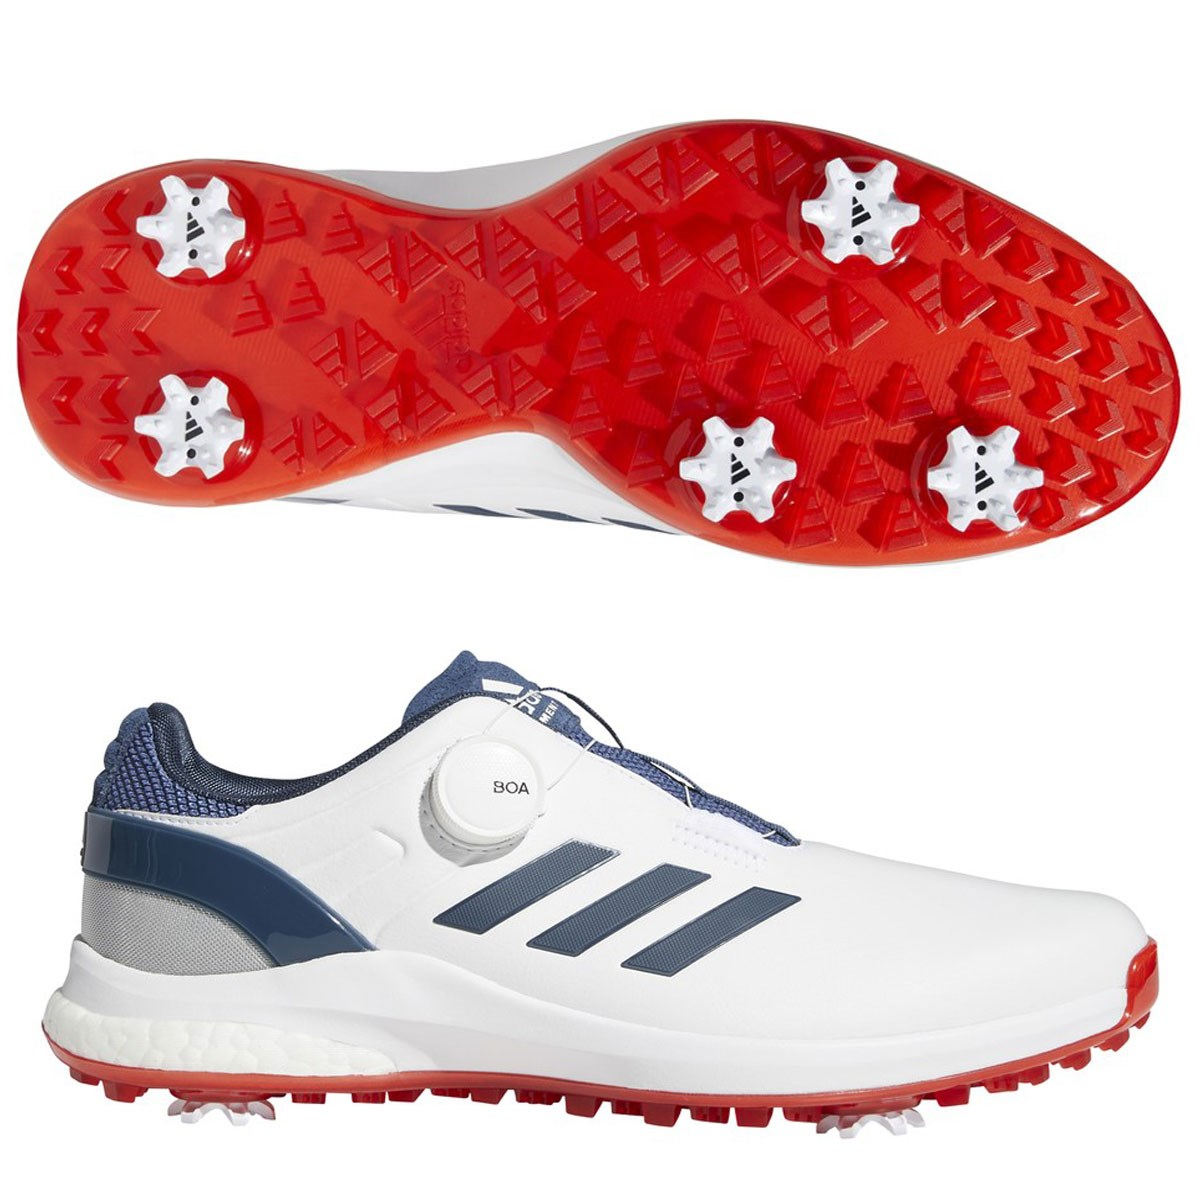 アディダス Adidas EQTボアシューズ 28cm フットウェアホワイト/クルーネイビー/スカーレット